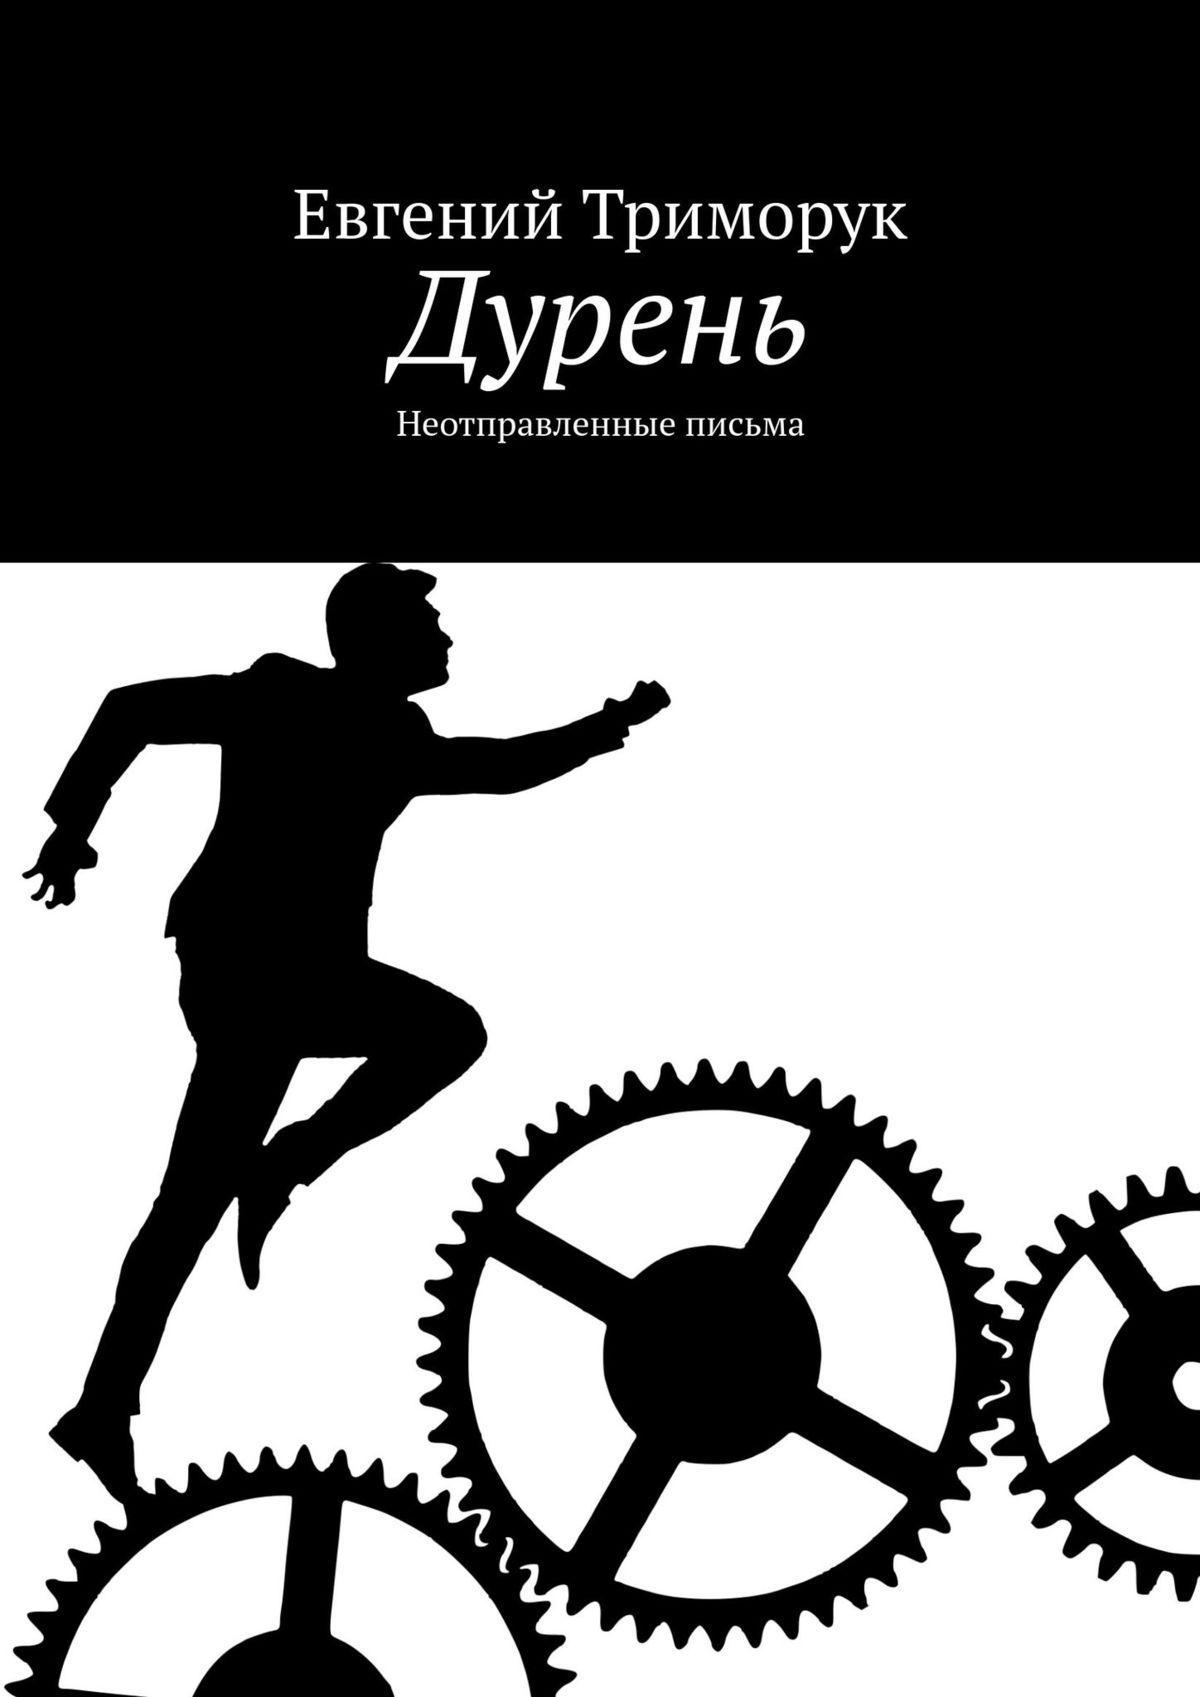 Евгений Триморук Дурень. Неотправленные письма евгений триморук текст несколько невообразимых переходов восне